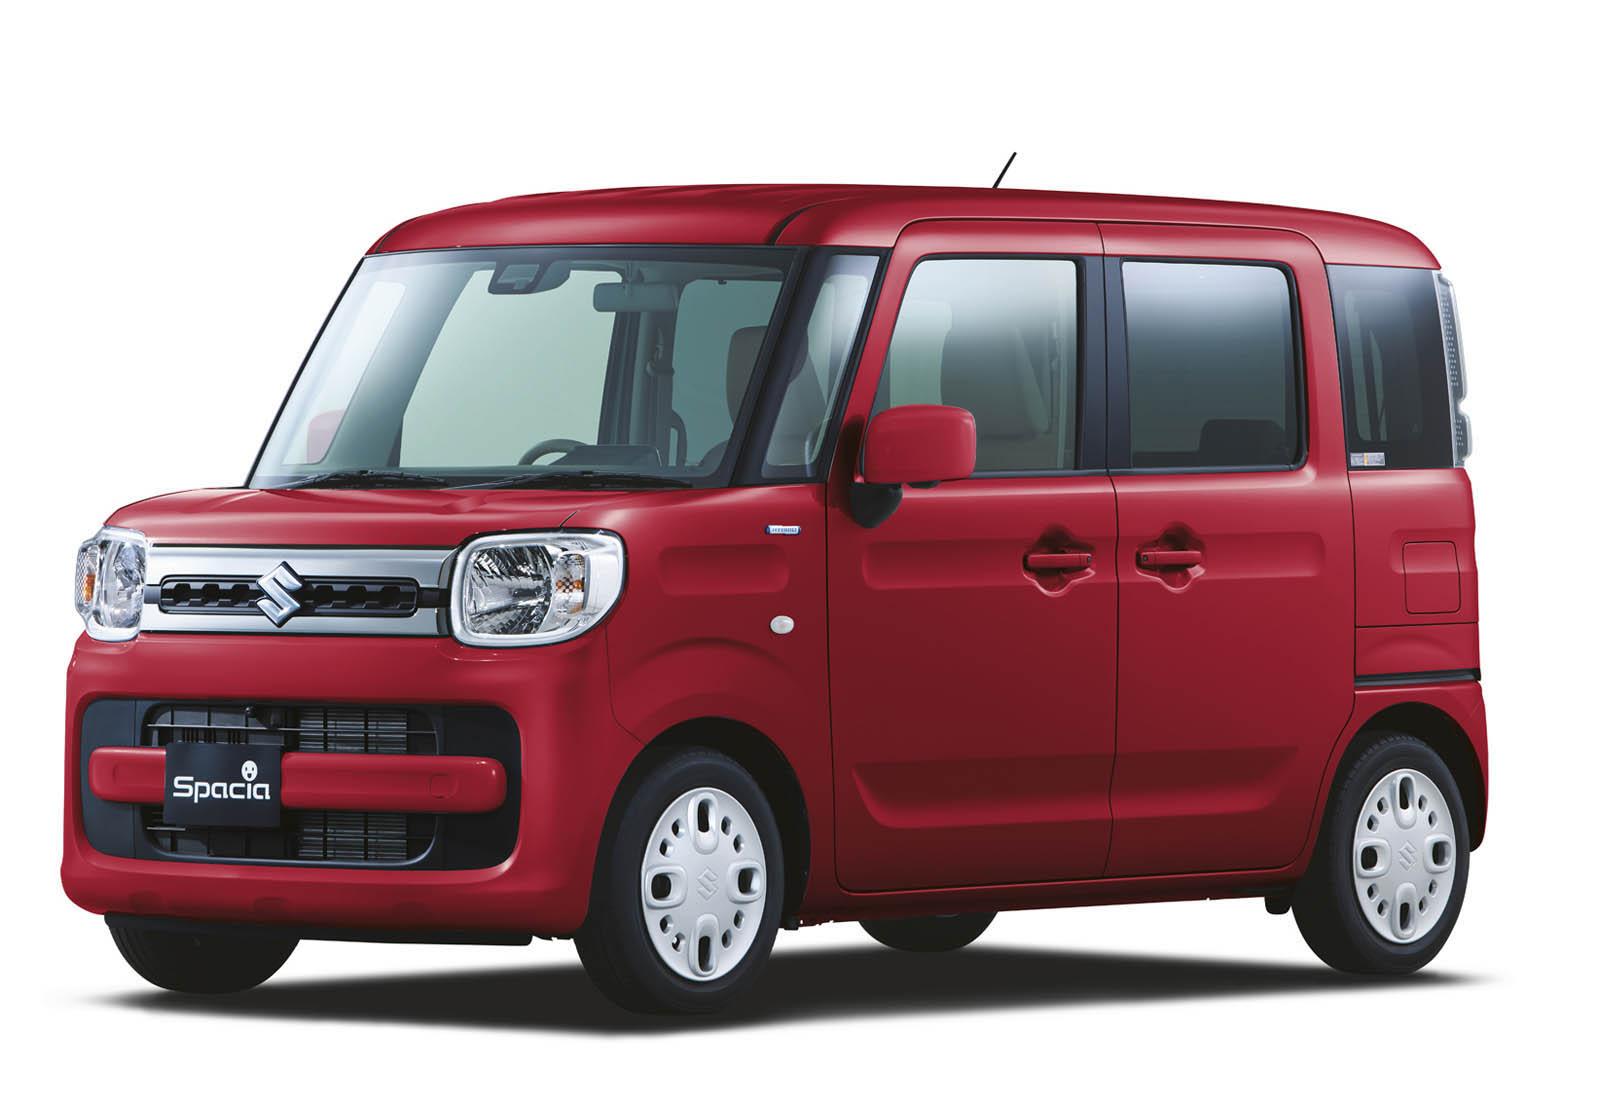 Suzuki Spacia 2018 (11)